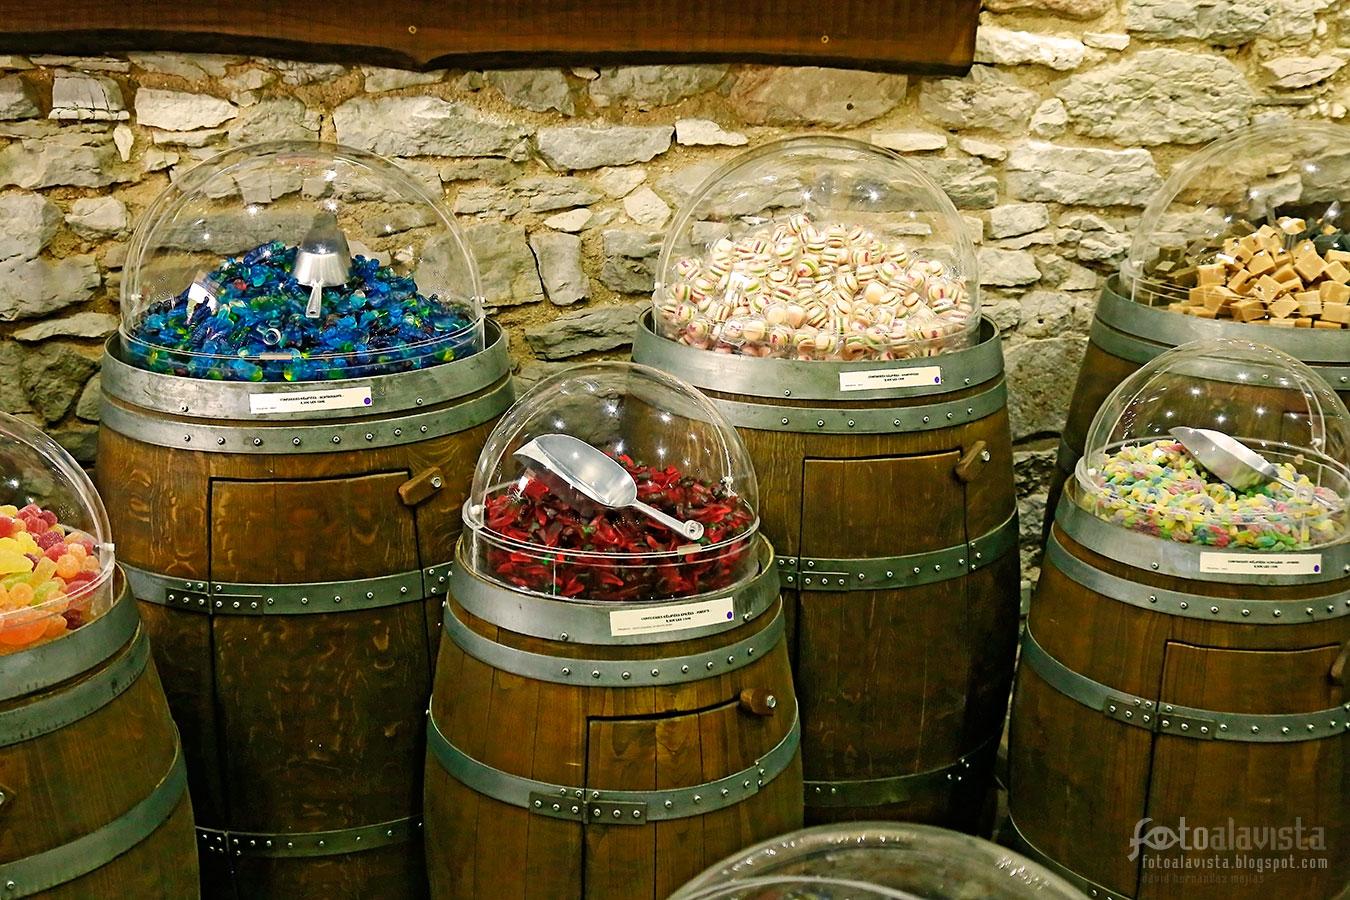 Bidones con esferas y chuches - Fotografía